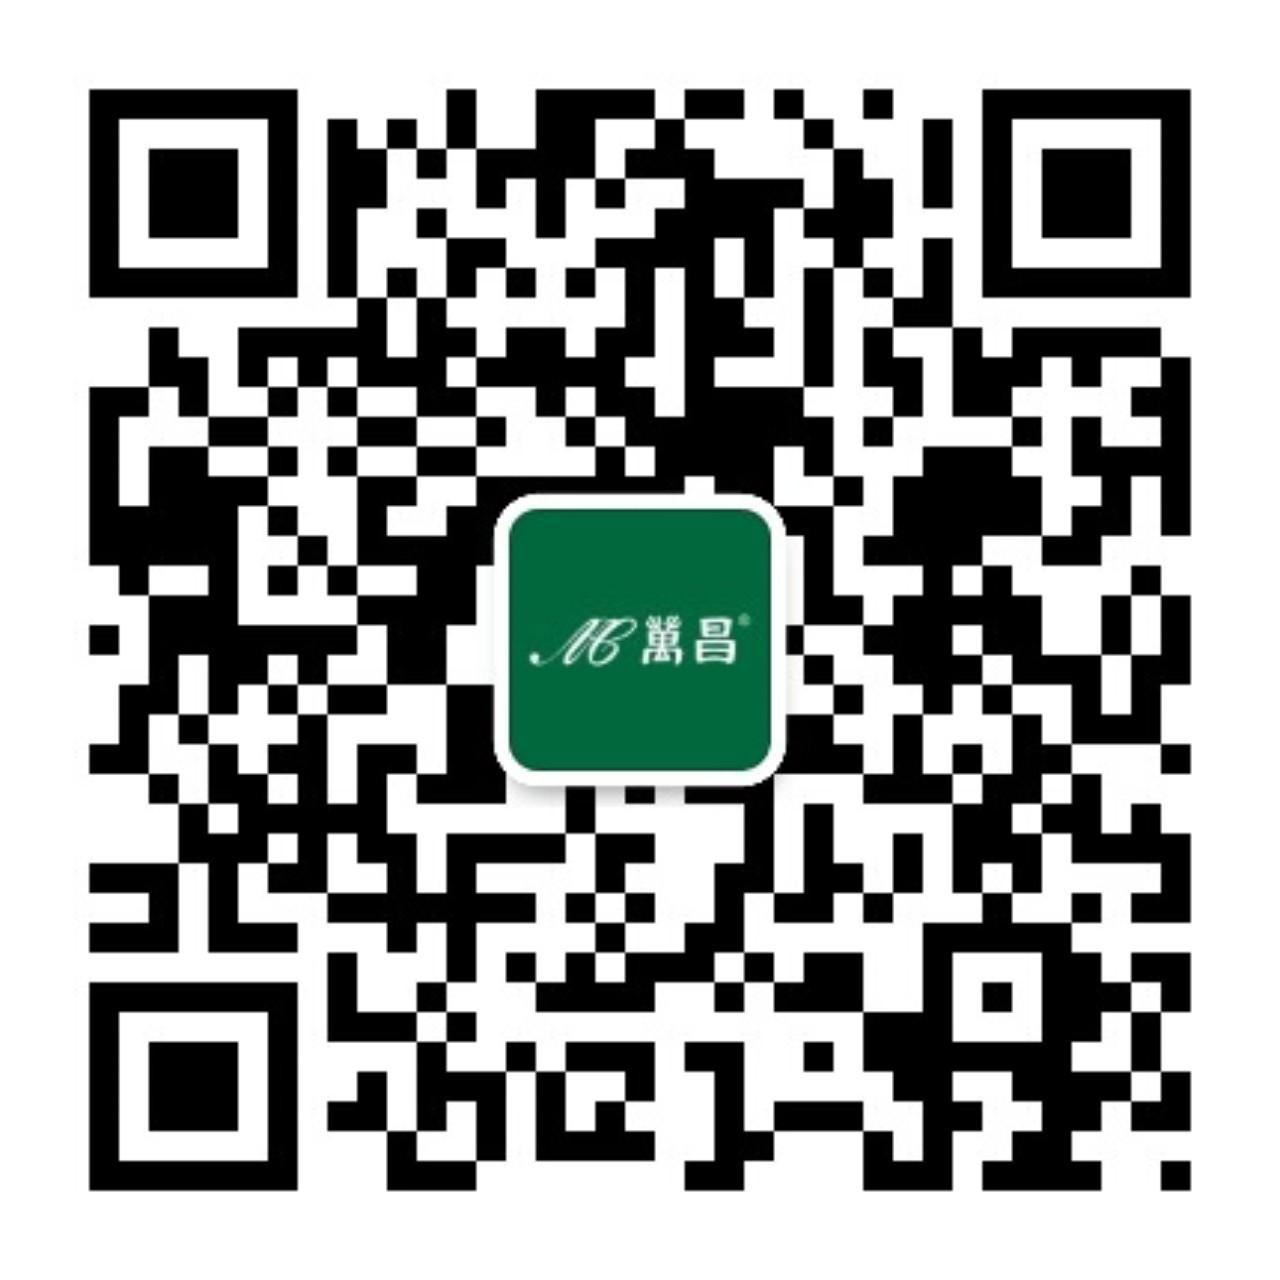 乐虎国际娱乐微信公众号